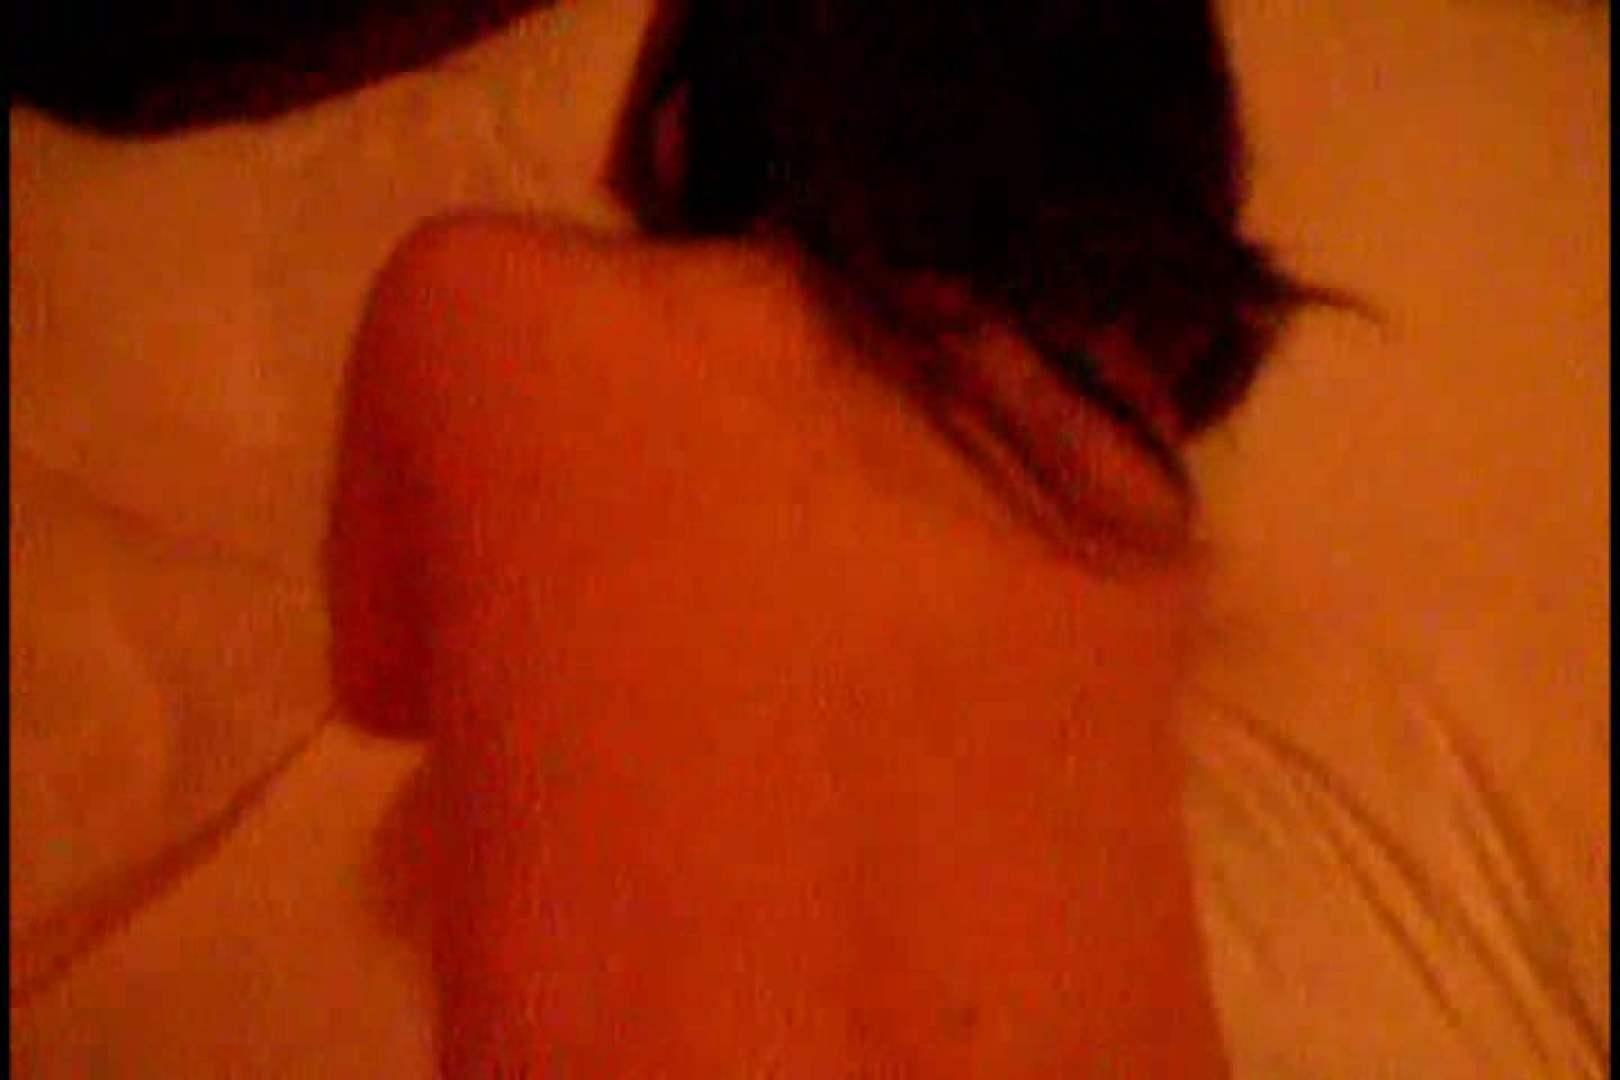 巨乳おまんこ:某掲示板に投稿された素人女性たちVOL.9:大奥